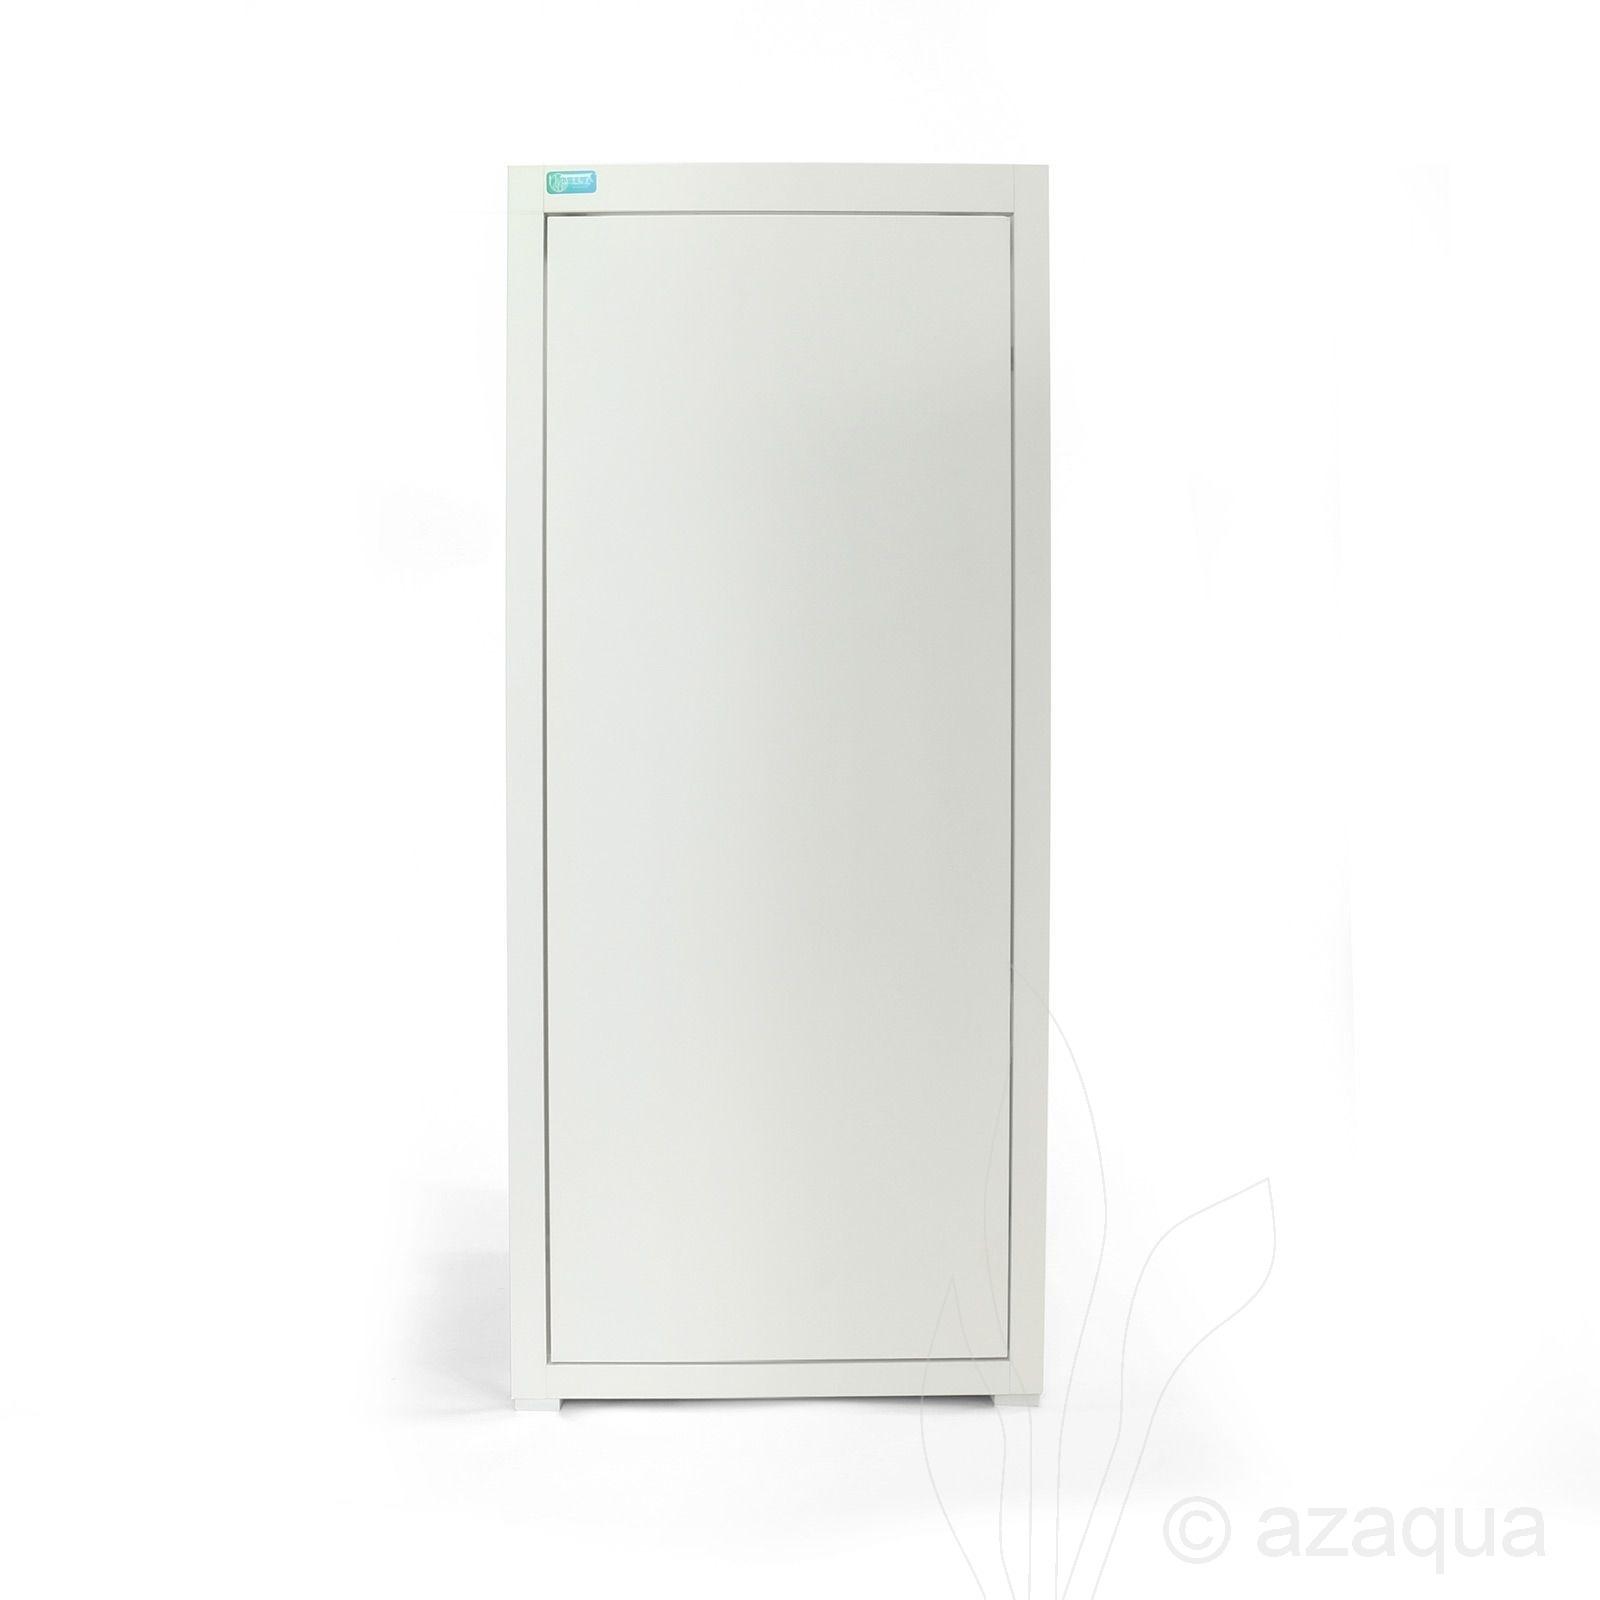 ILA aquarium furniture (36x22x80cm) white